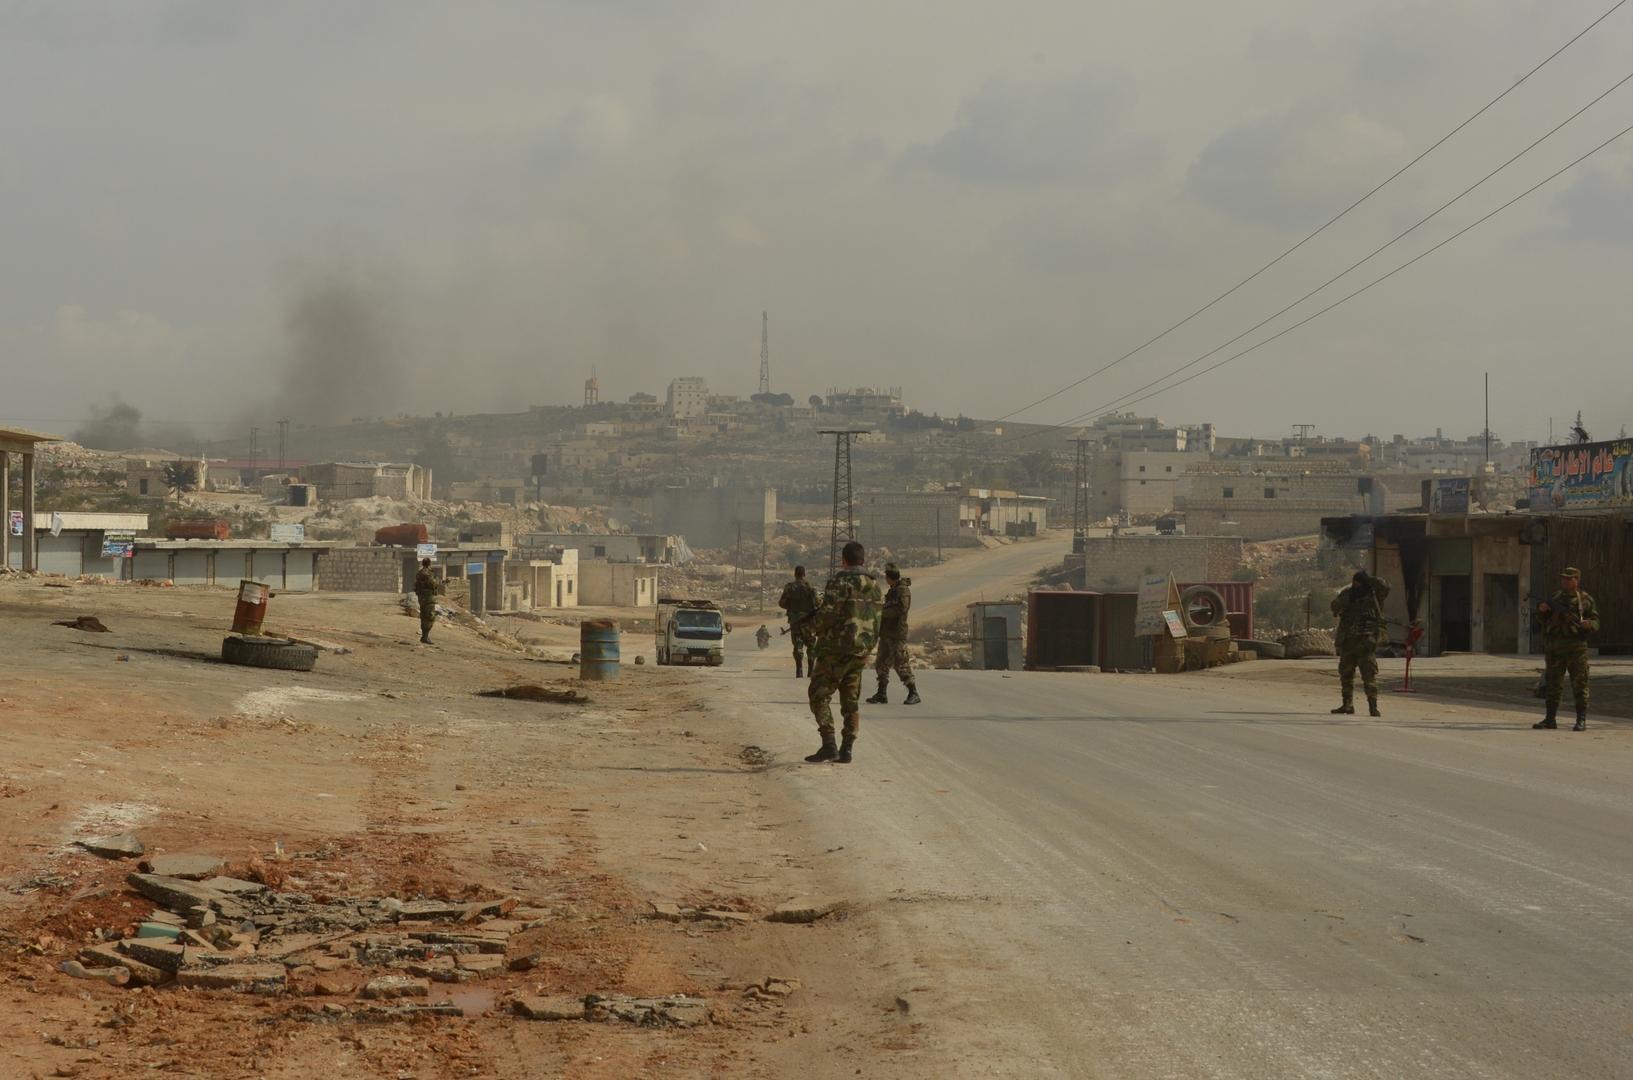 تركيا.. مصادر أمنية تنفي استهداف الجيش مدنيين شمالي سوريا